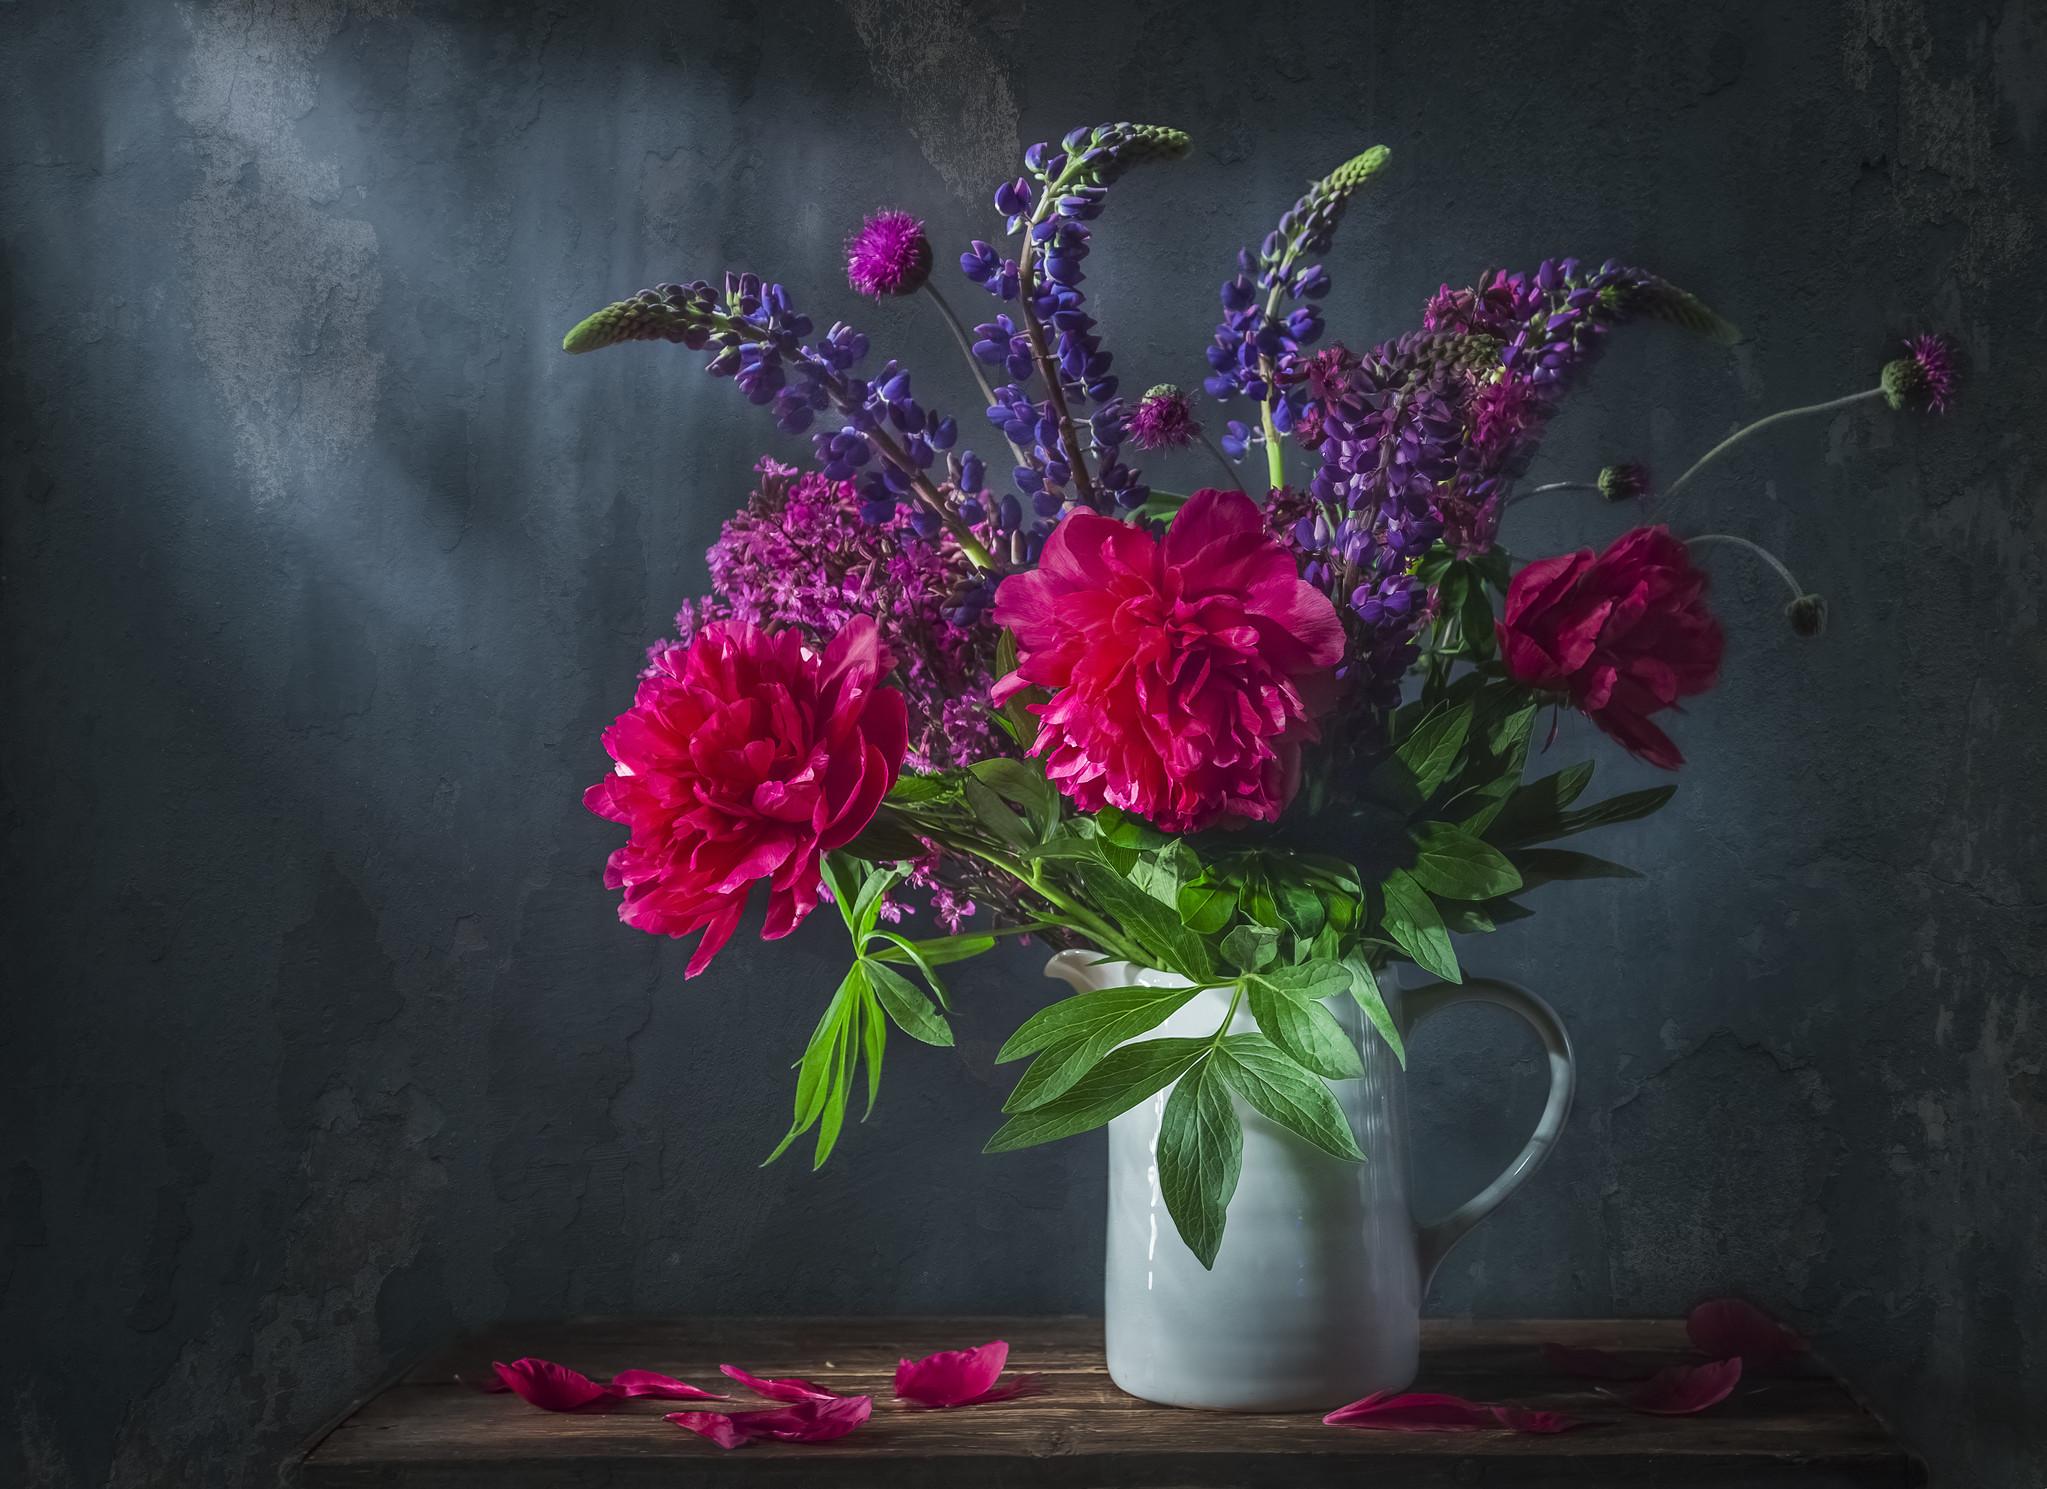 Schilderij -Klassiek stilleven met mooi paars pioen en lubesoin bloemen boeket in witte kruik. 100x70cm. -  1 luik